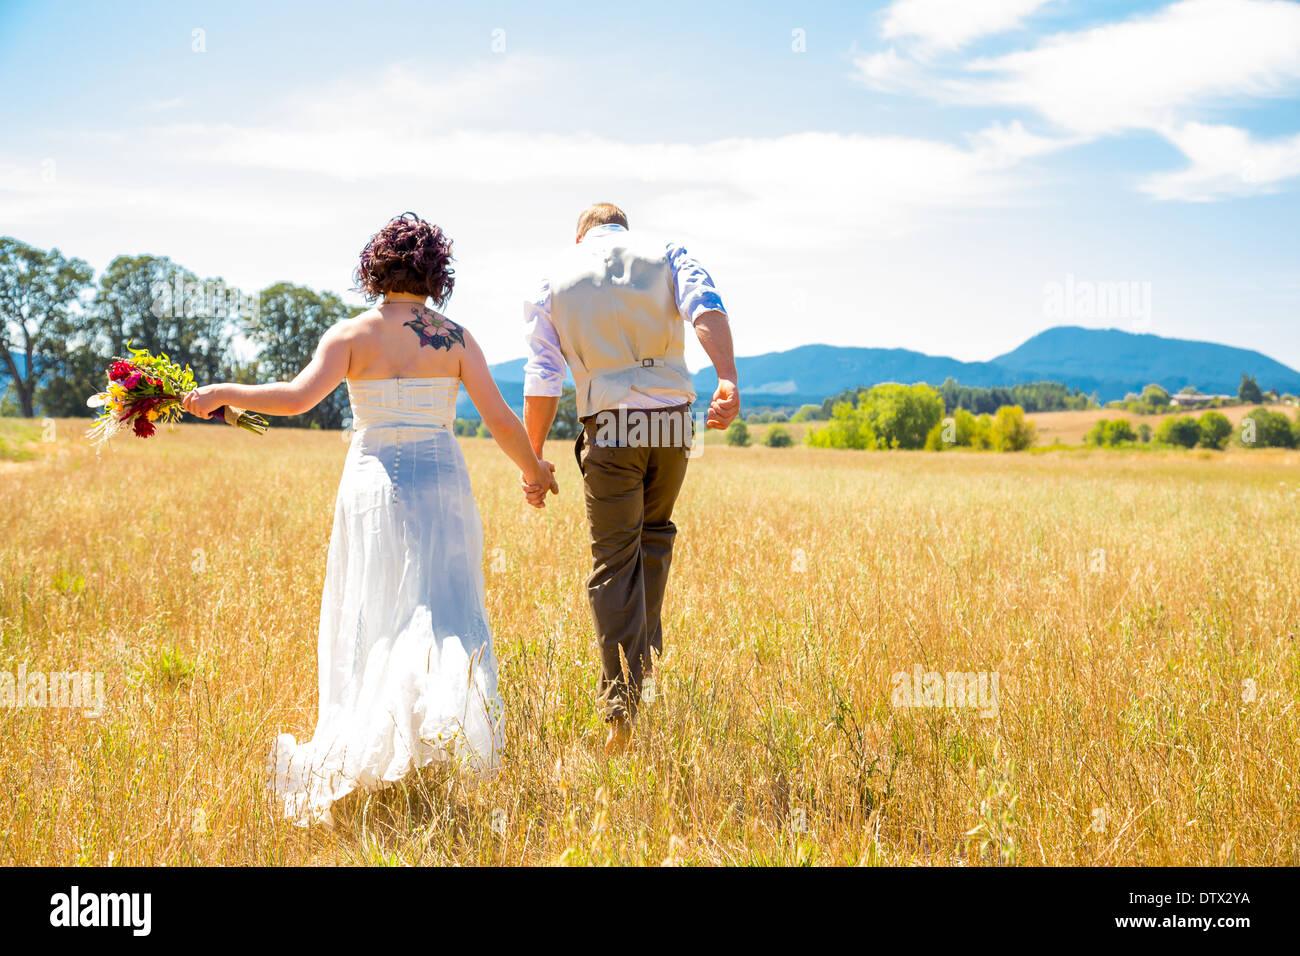 Sposa e lo sposo camminare insieme il giorno delle nozze attraverso un campo in Oregon. Immagini Stock